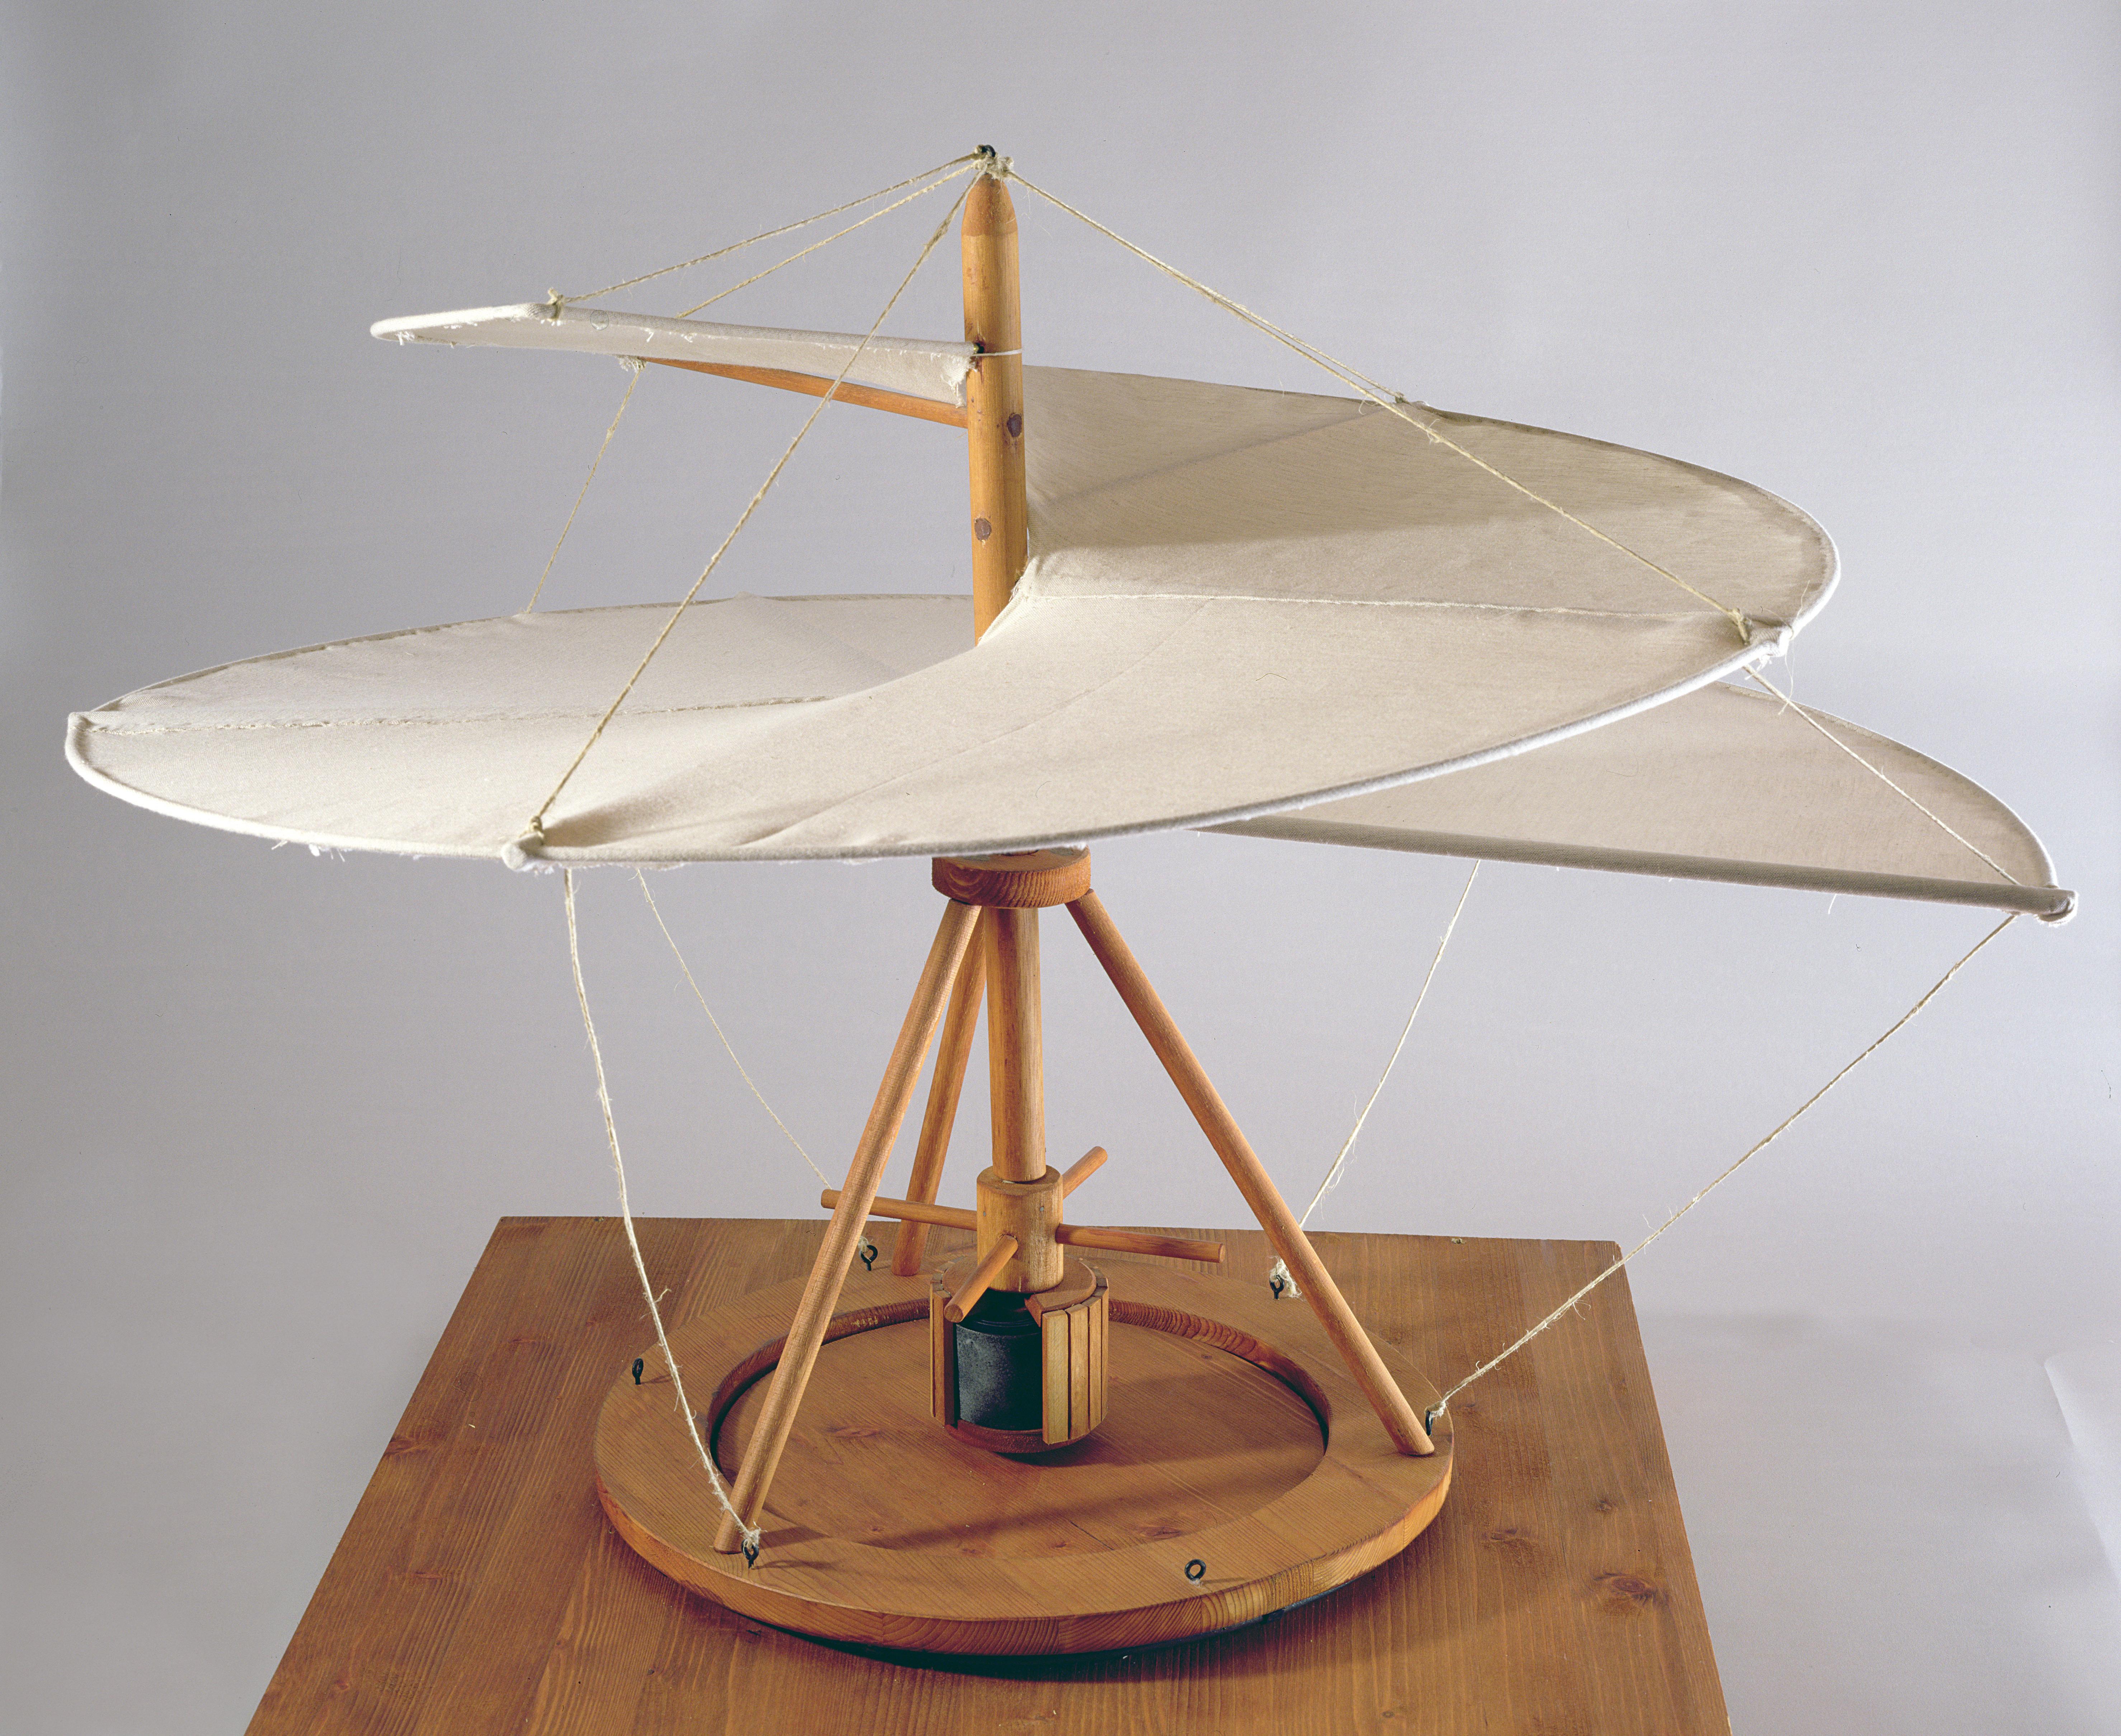 Model reconstruction of Leonardo da Vinci's design for an aerial screw.